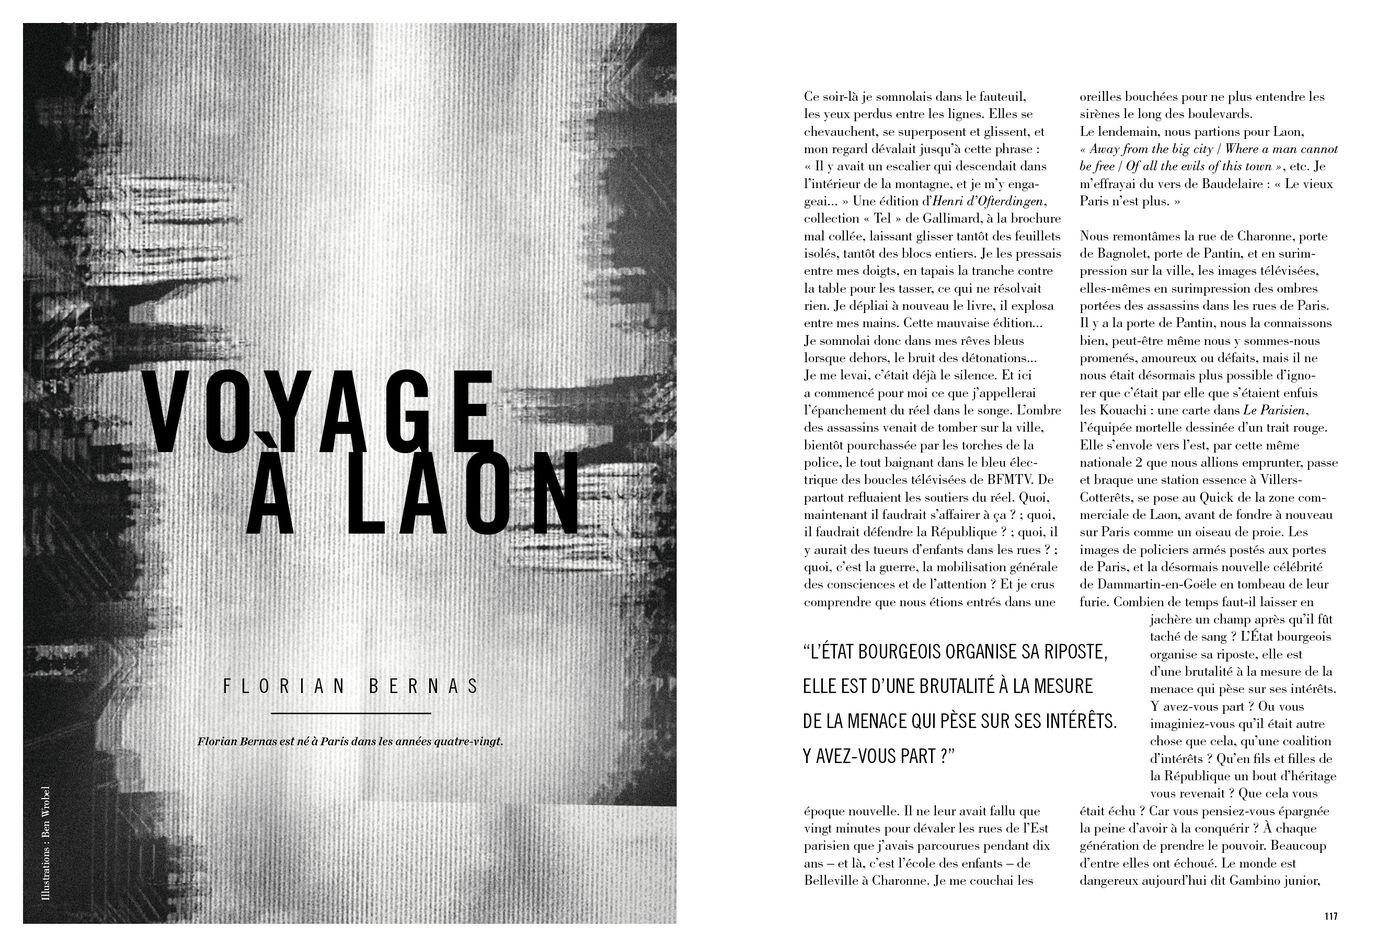 Possession Immédiate Volume 5 - Texte de Florian Bernas, Voyage à Laon